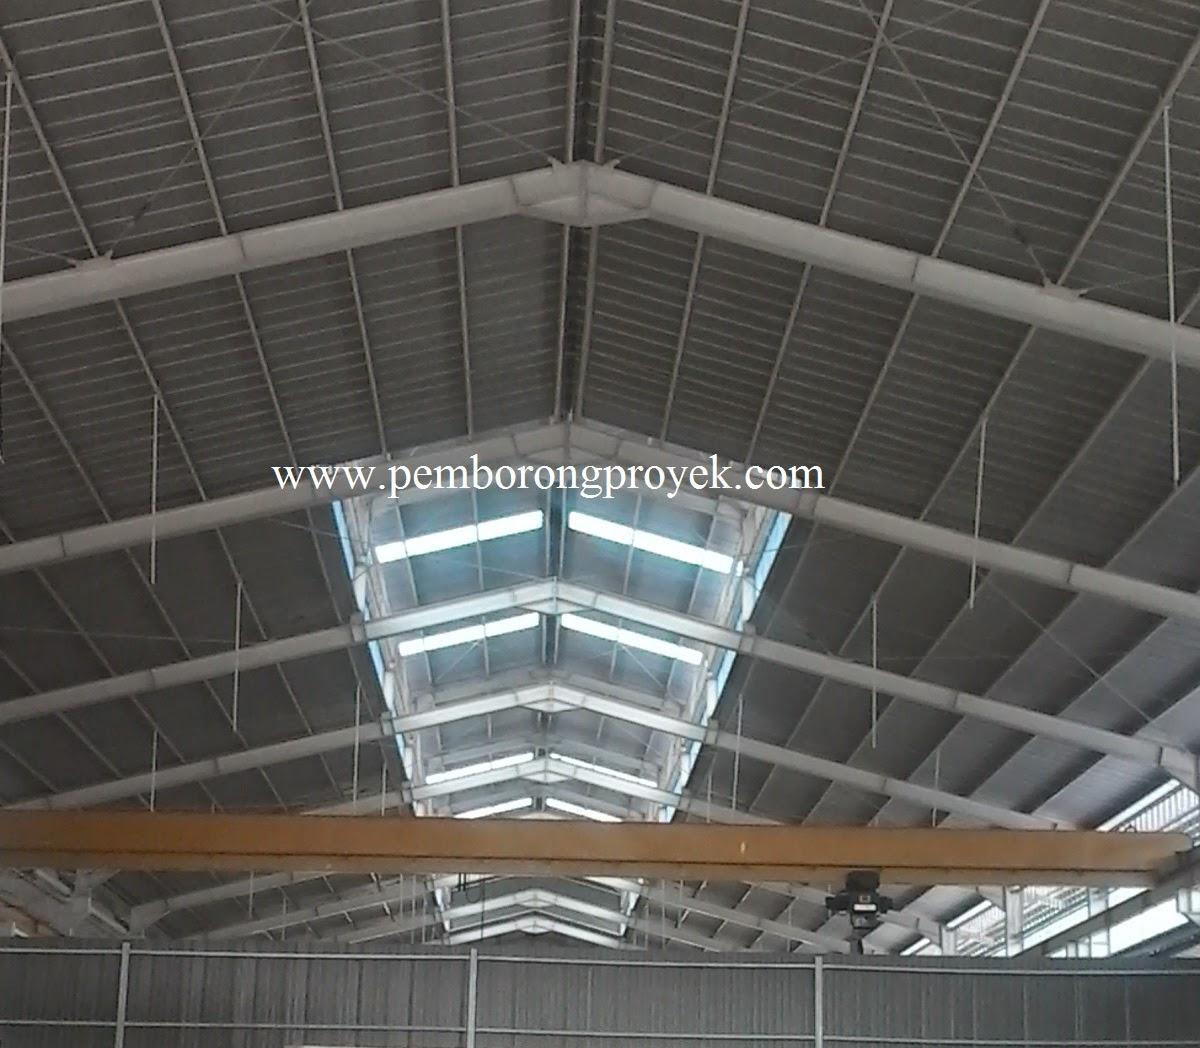 kontraktor baja ringan jakarta jasa konstruksi pabrik gudang rumah murah cv